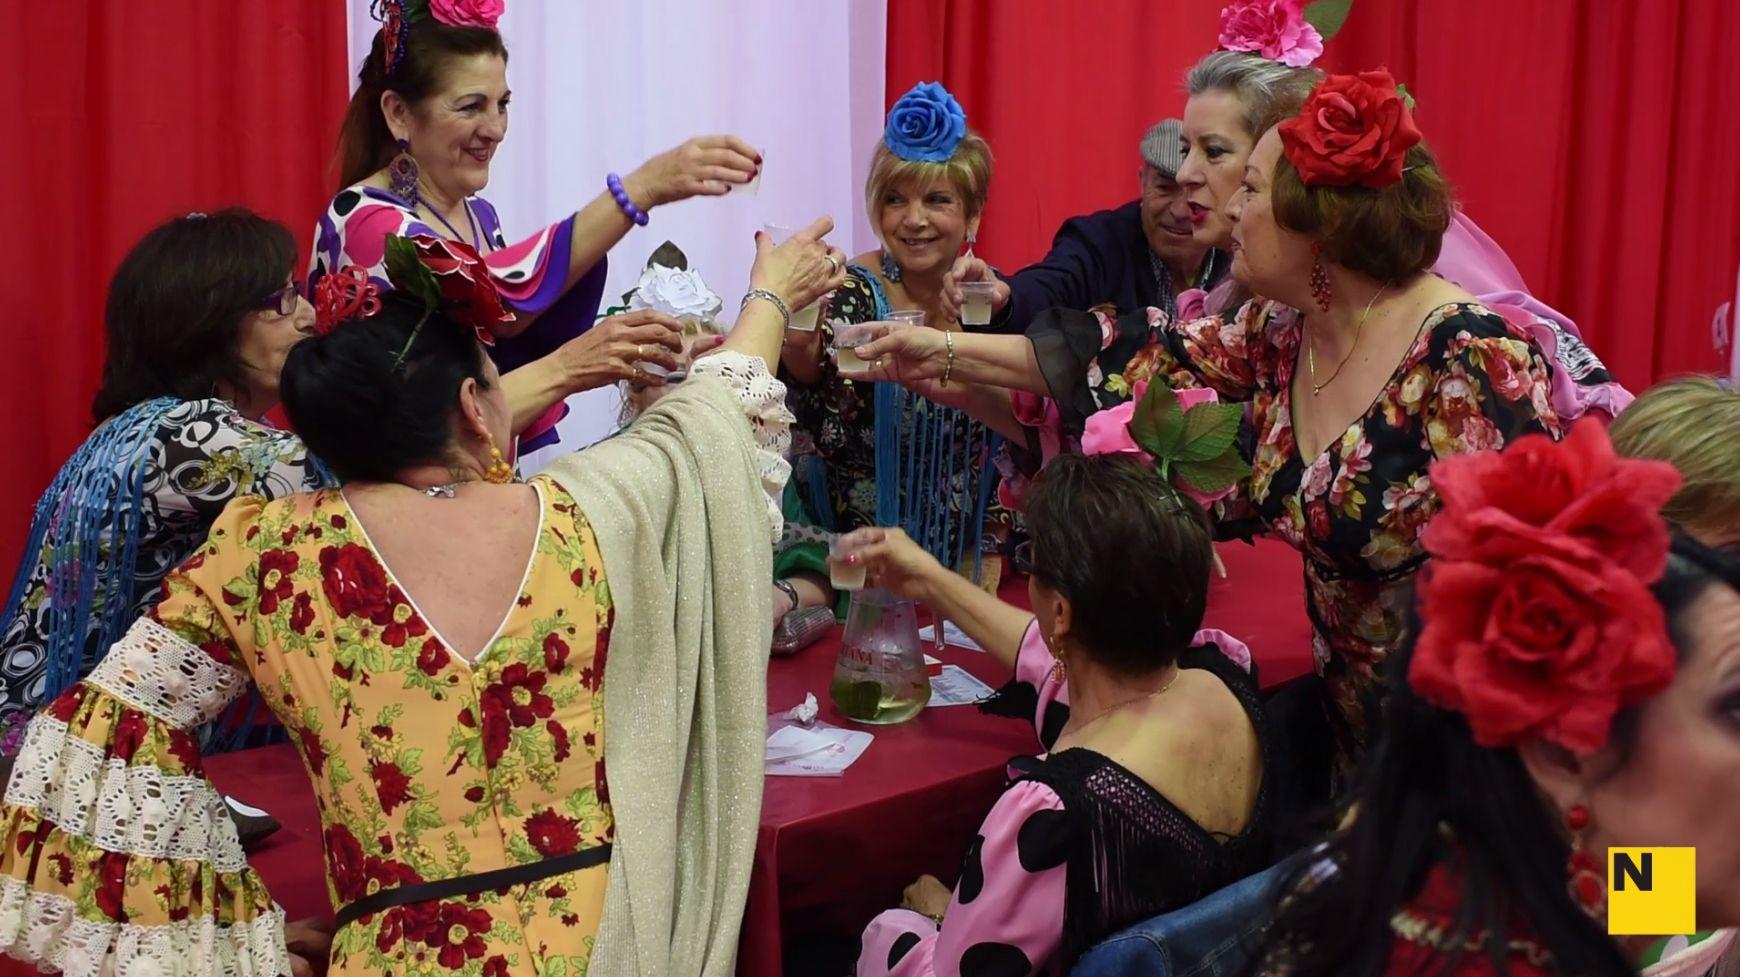 La feria de abril en catalunya empieza el viernes con for Ferias barcelona hoy